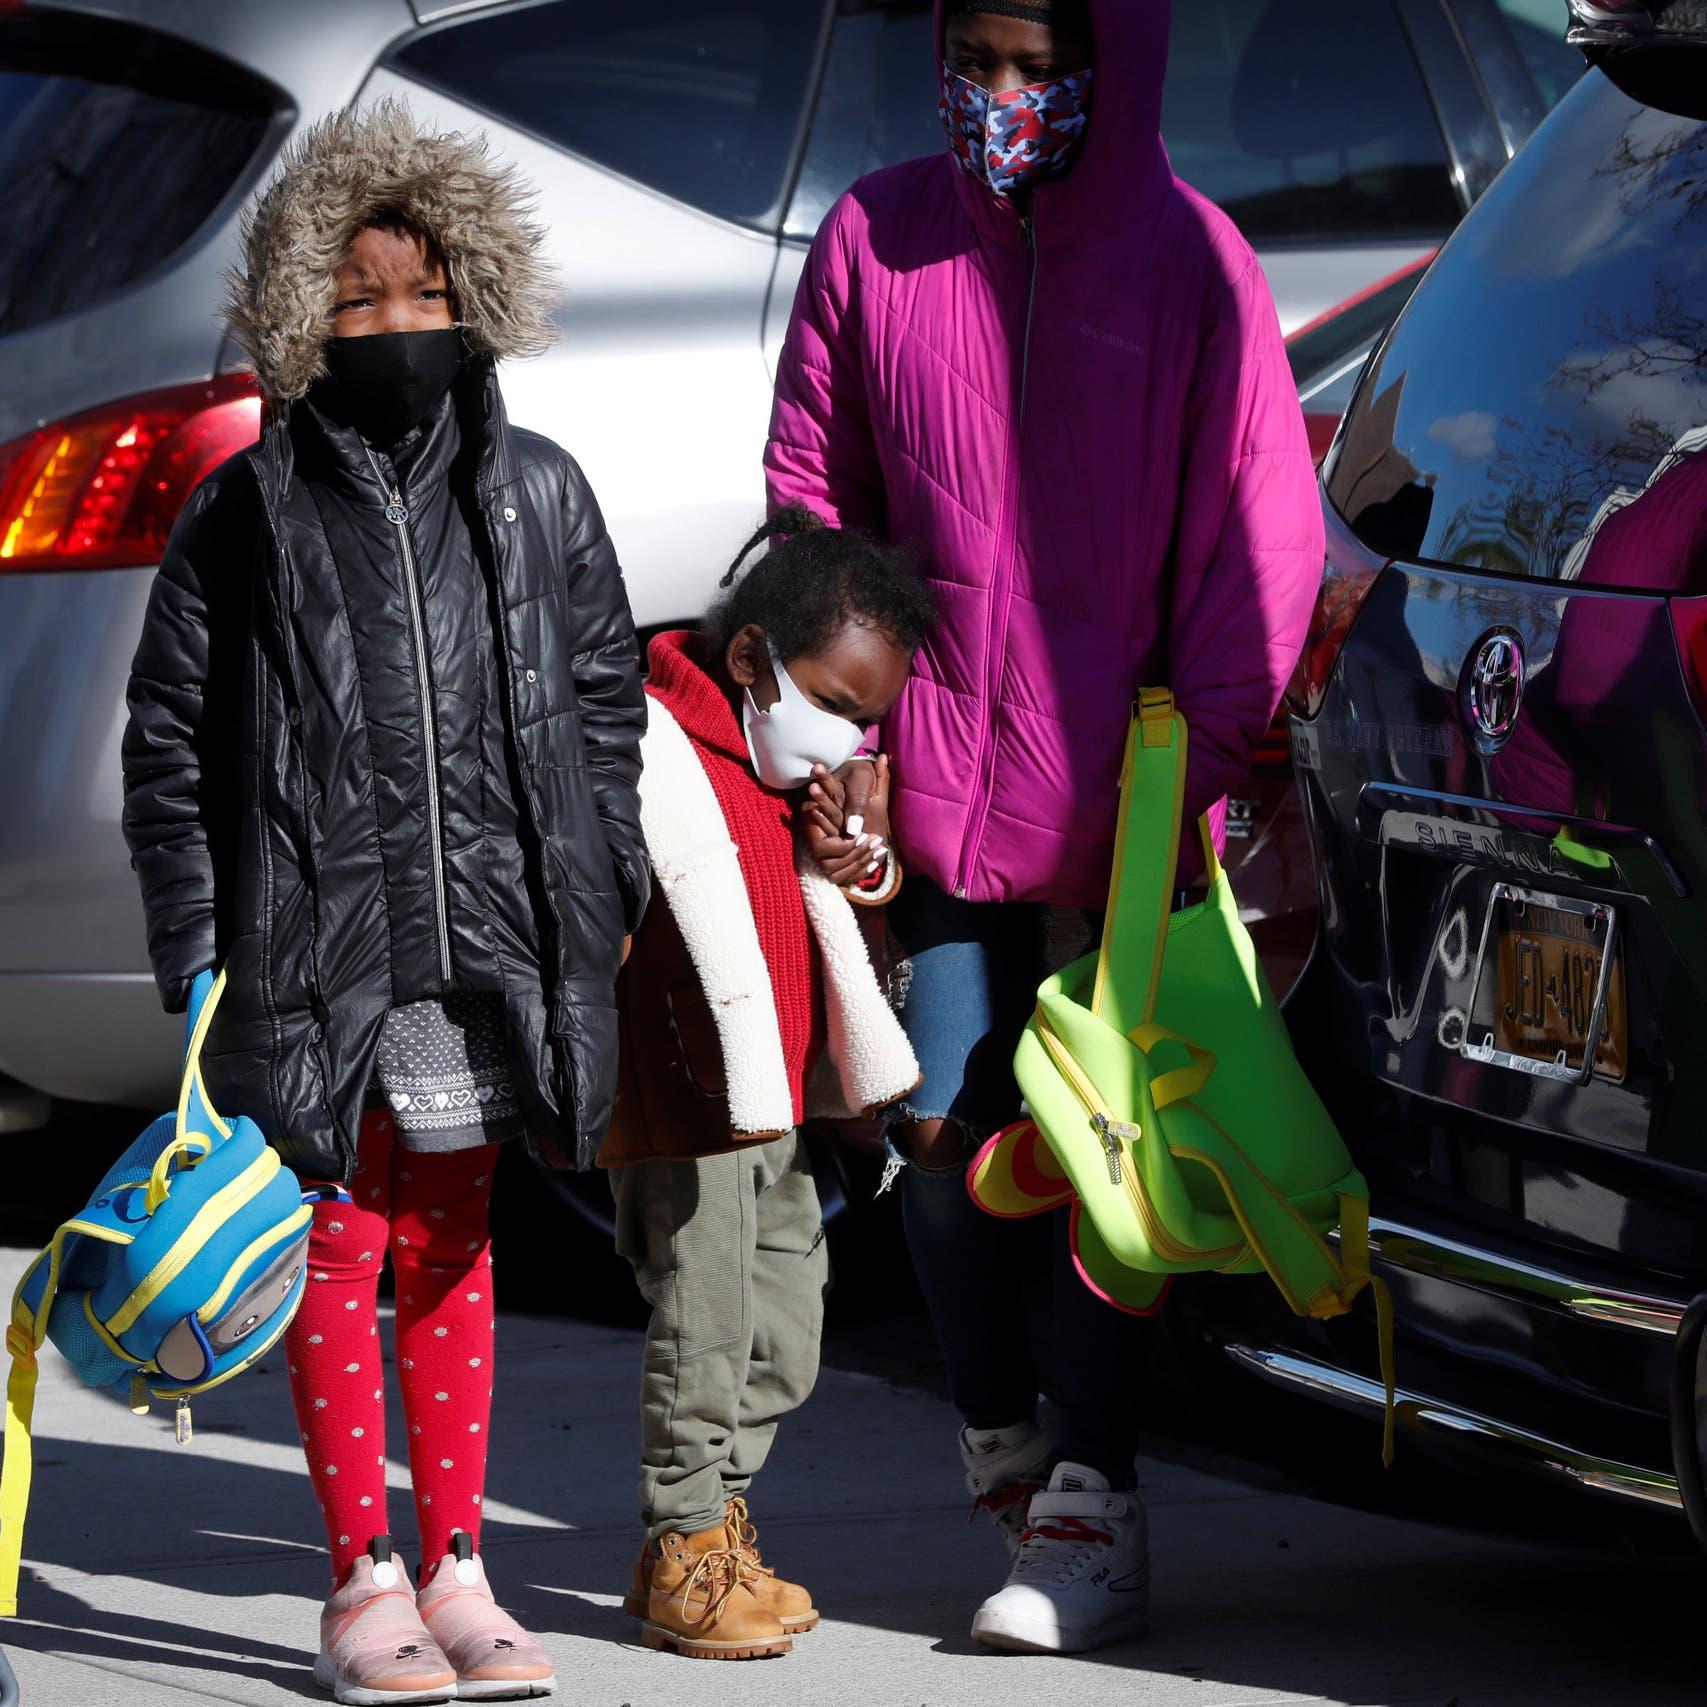 مرض خطير متصل بكورونا يحصد المزيد من الأطفال بأميركا